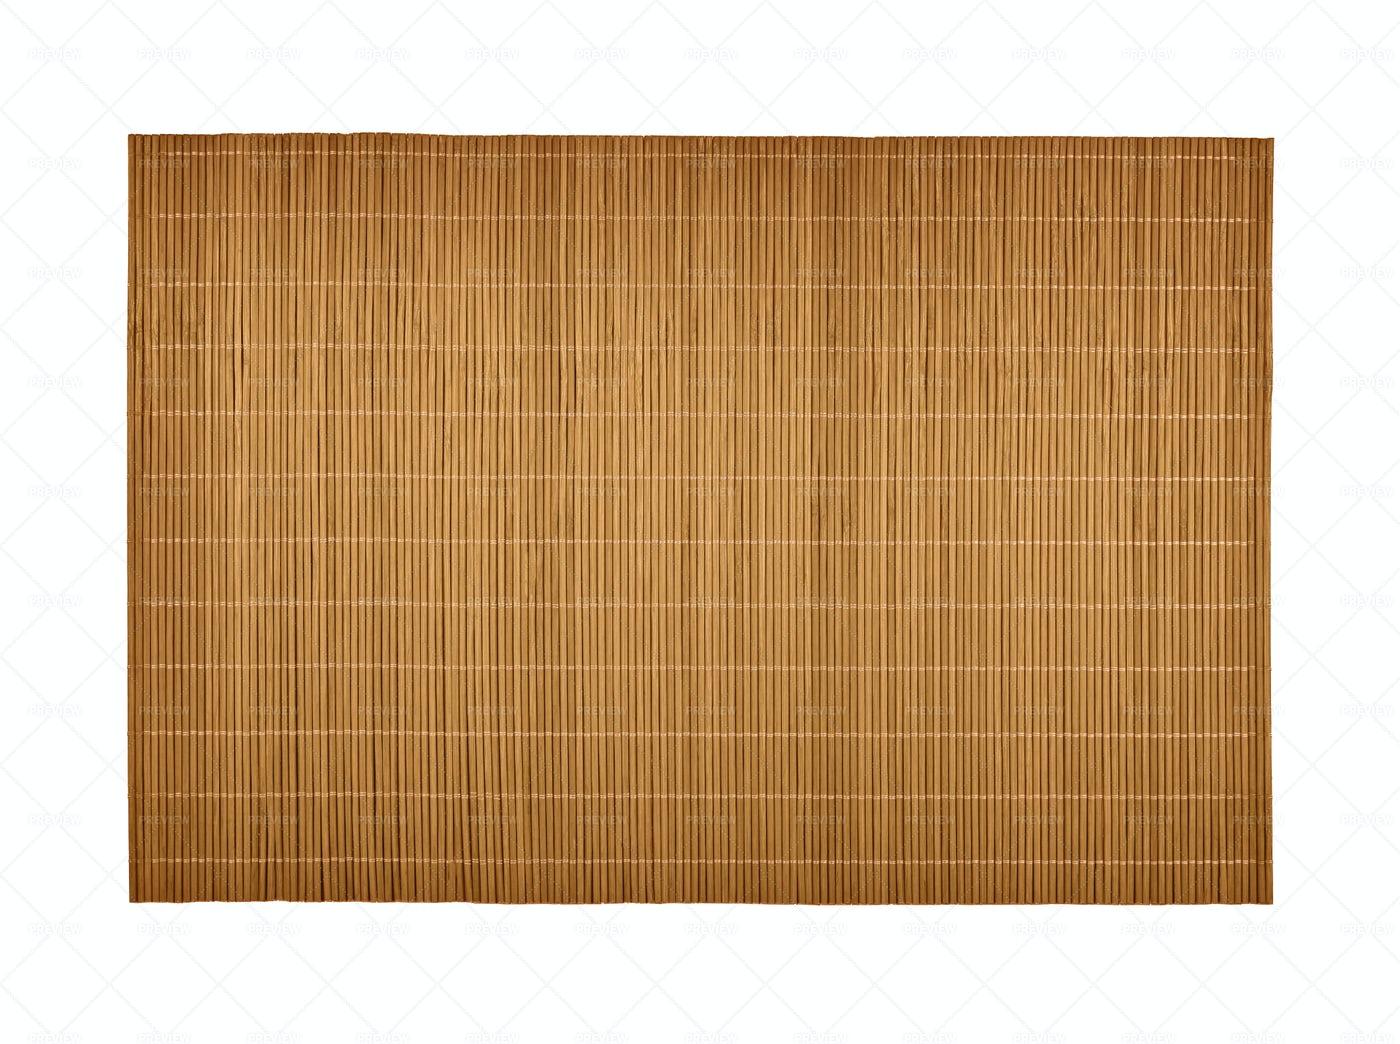 Wooden Bamboo Mat: Stock Photos